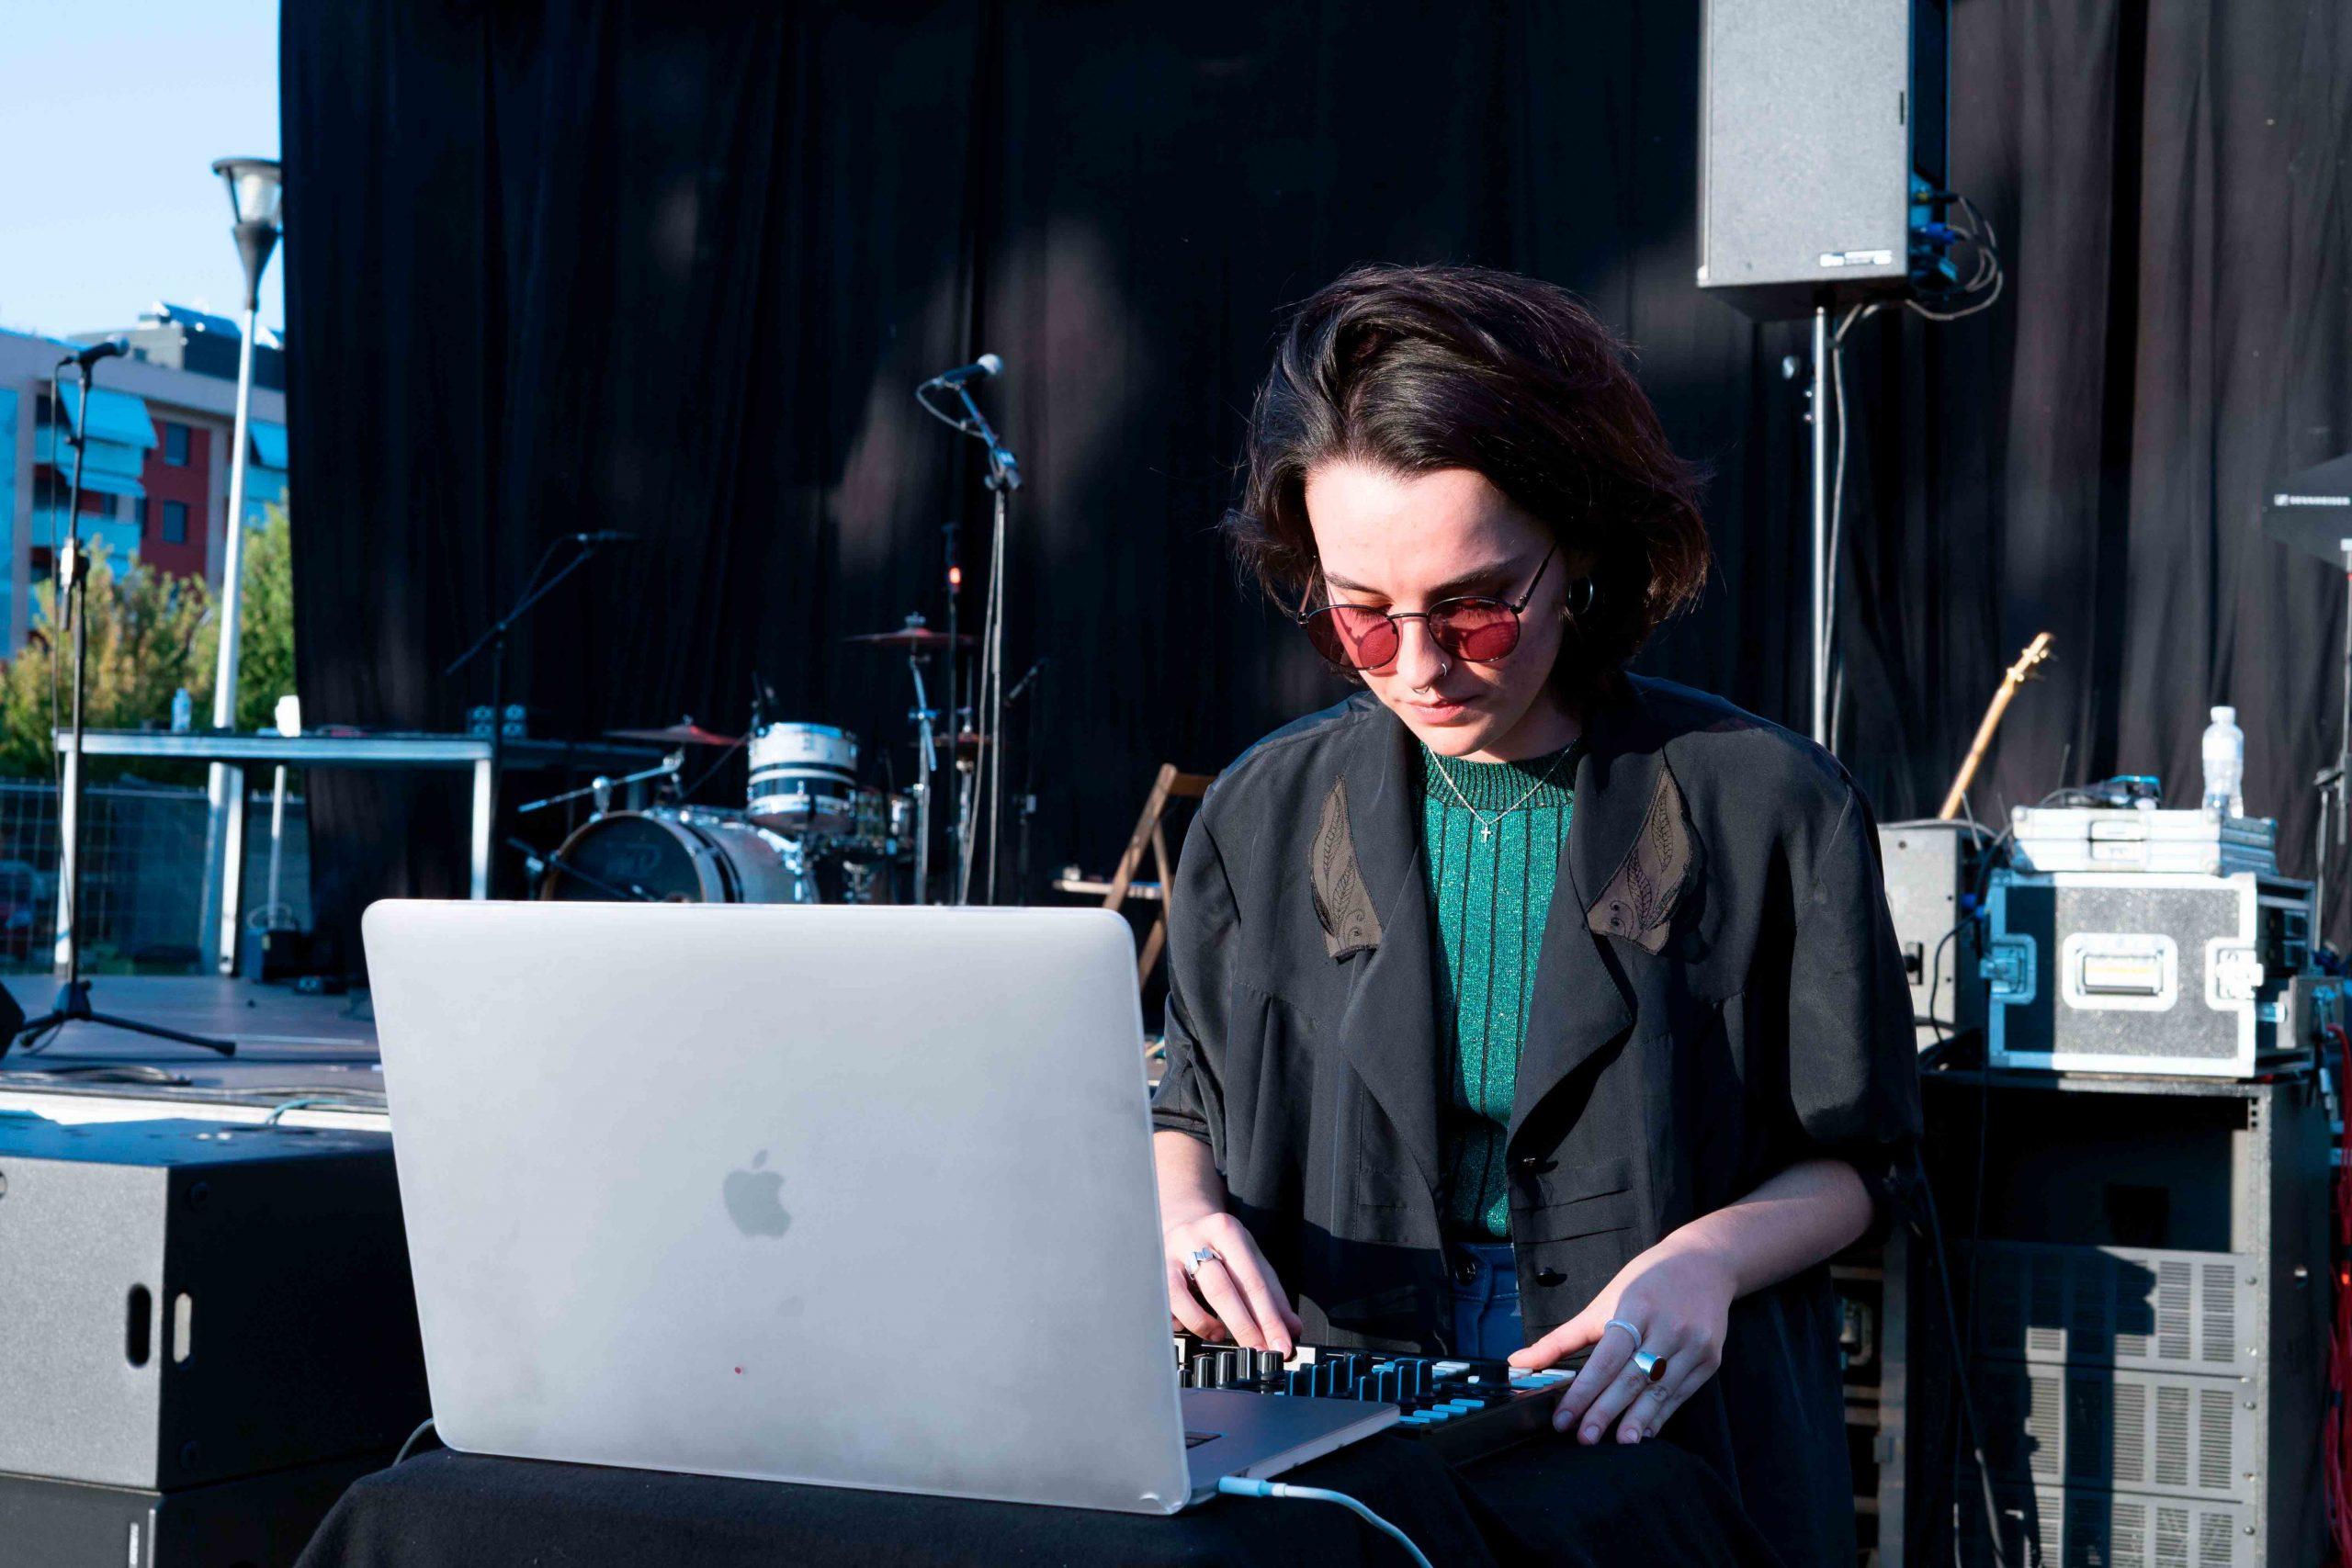 Raxku con el ordenador pinchando durante su sesión en el MAF 2021.